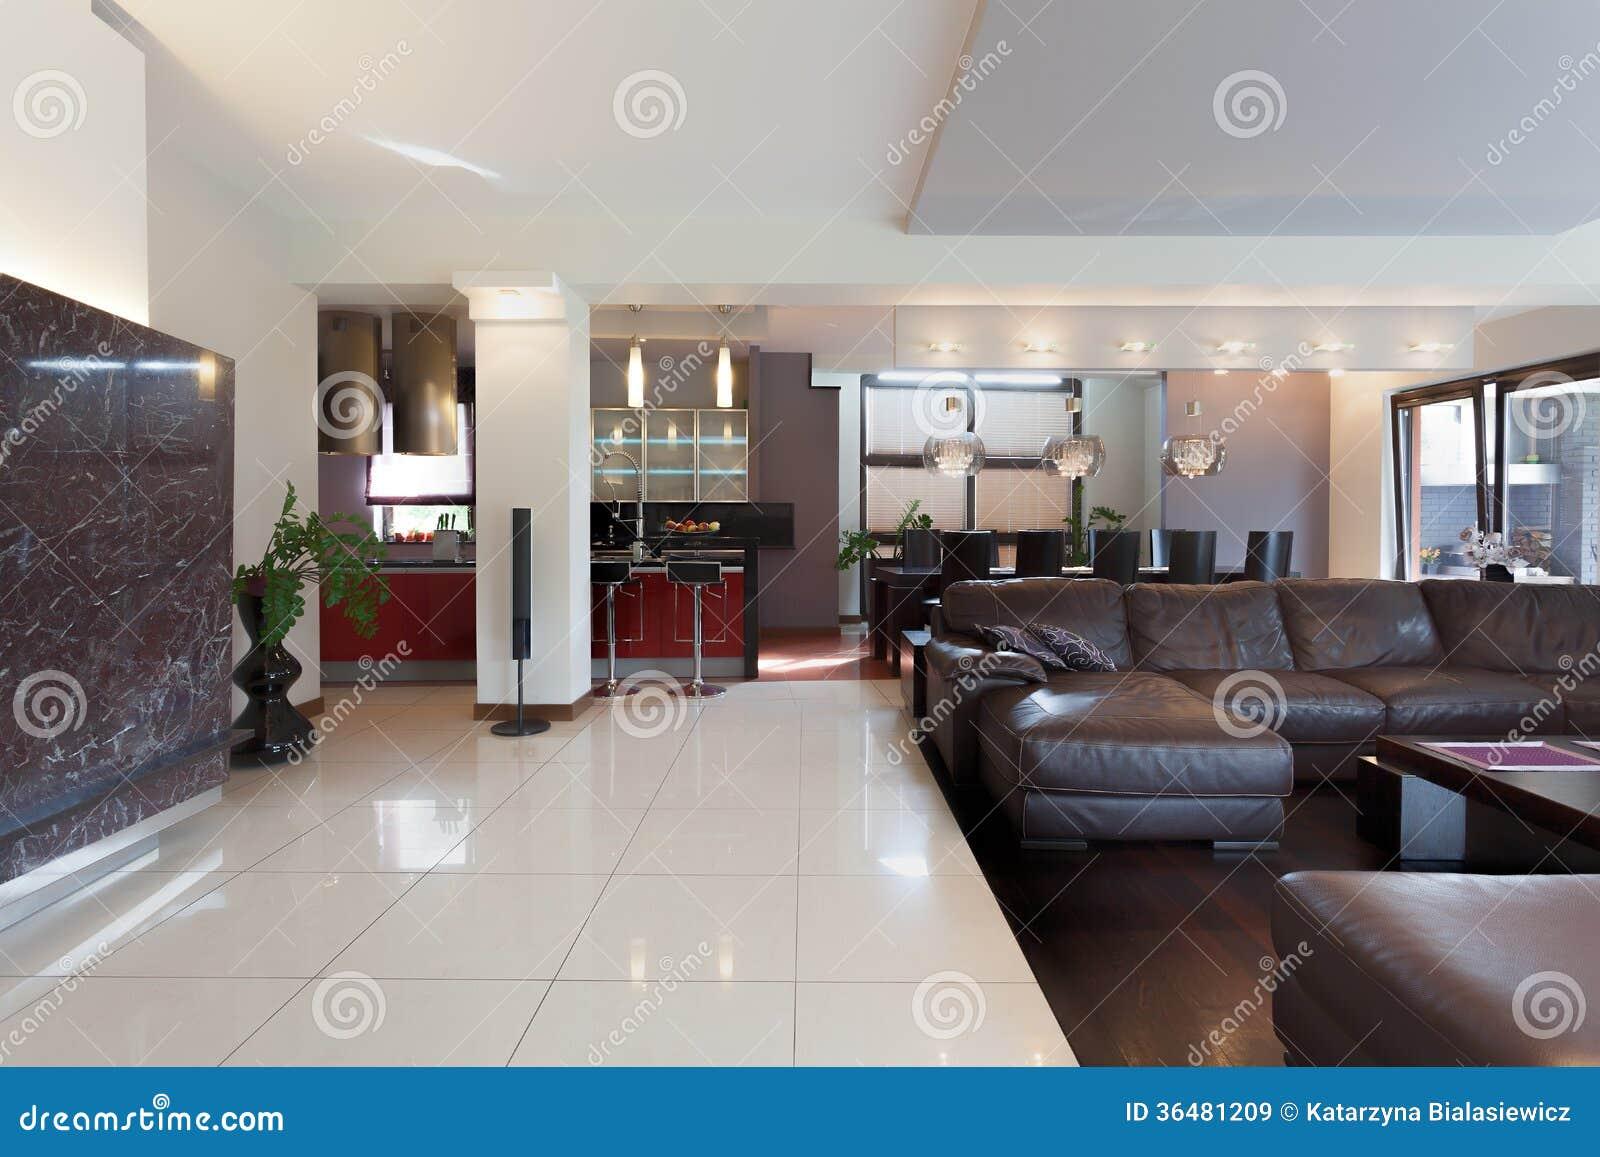 Cocina sala de estar y comedor im genes de archivo libres for Cocina comedor modernos fotos